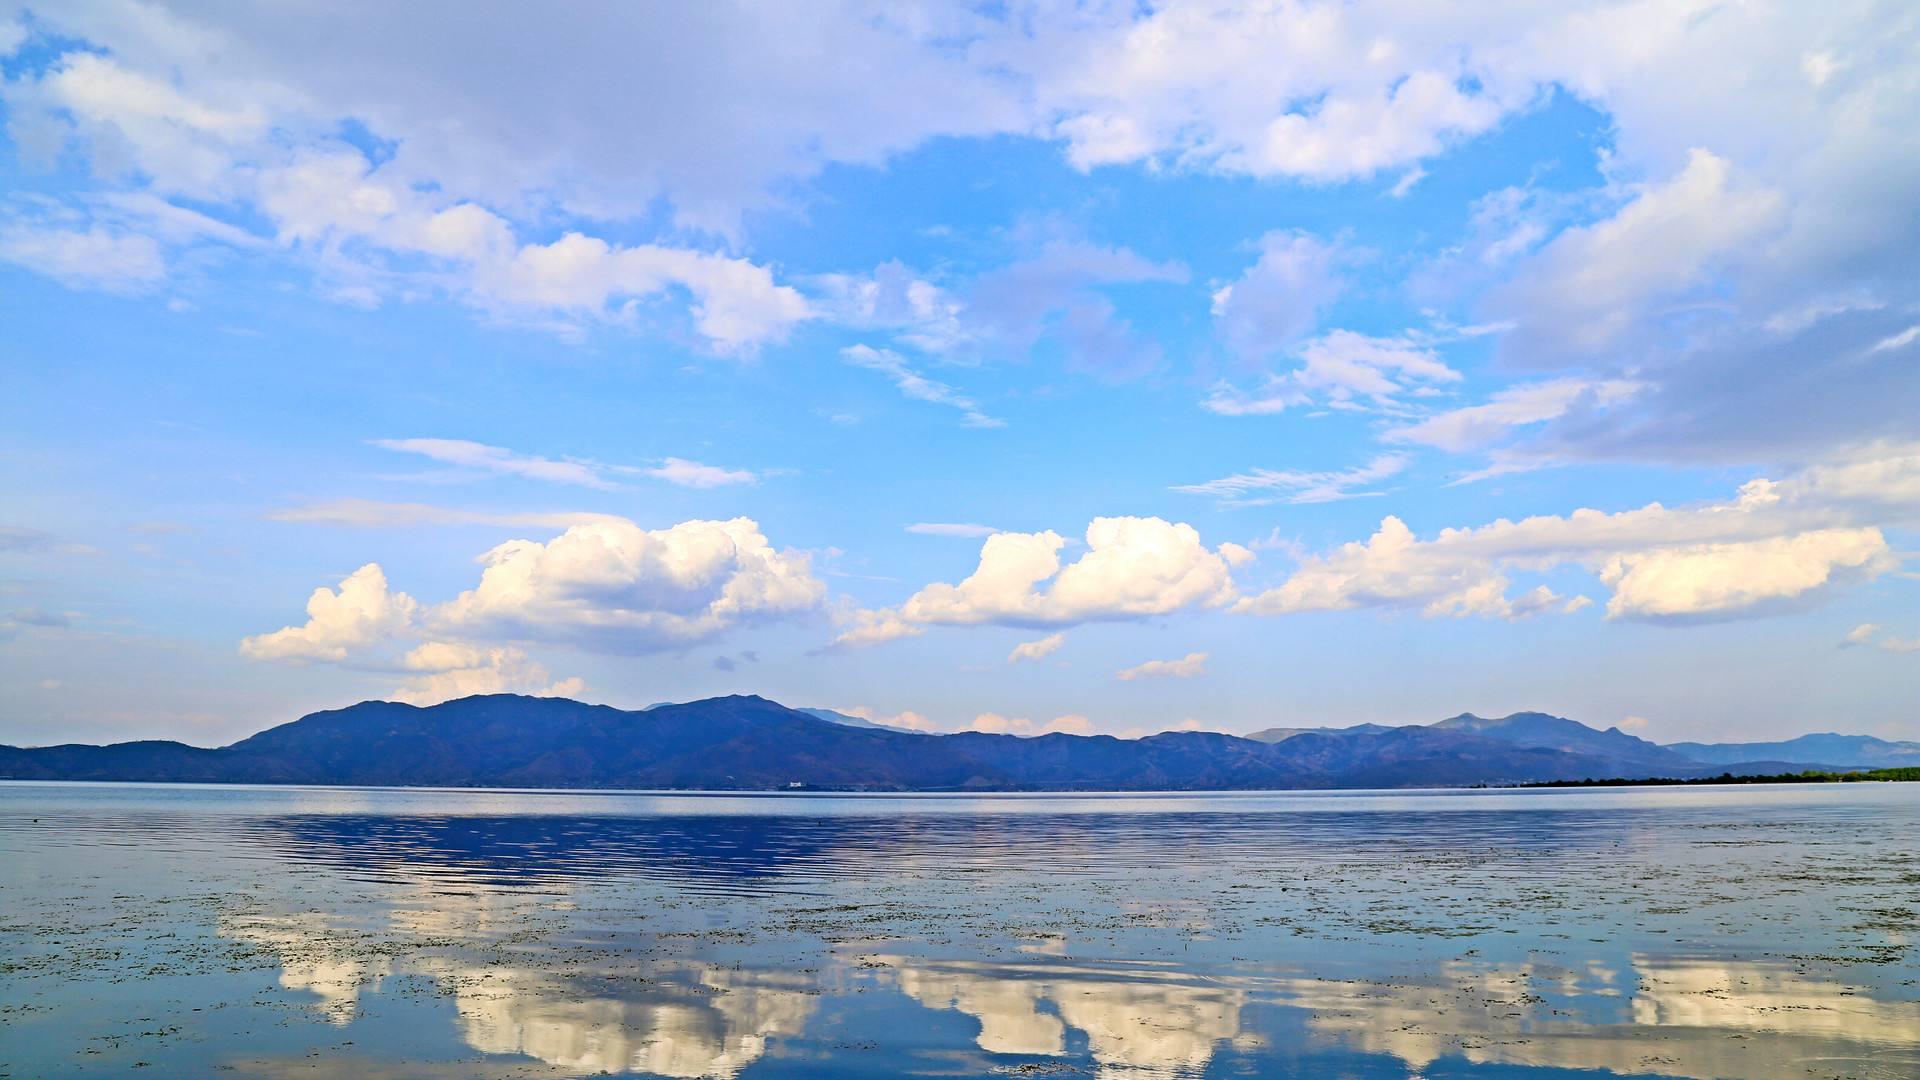 大理洱海水质总体稳定保持Ⅲ类